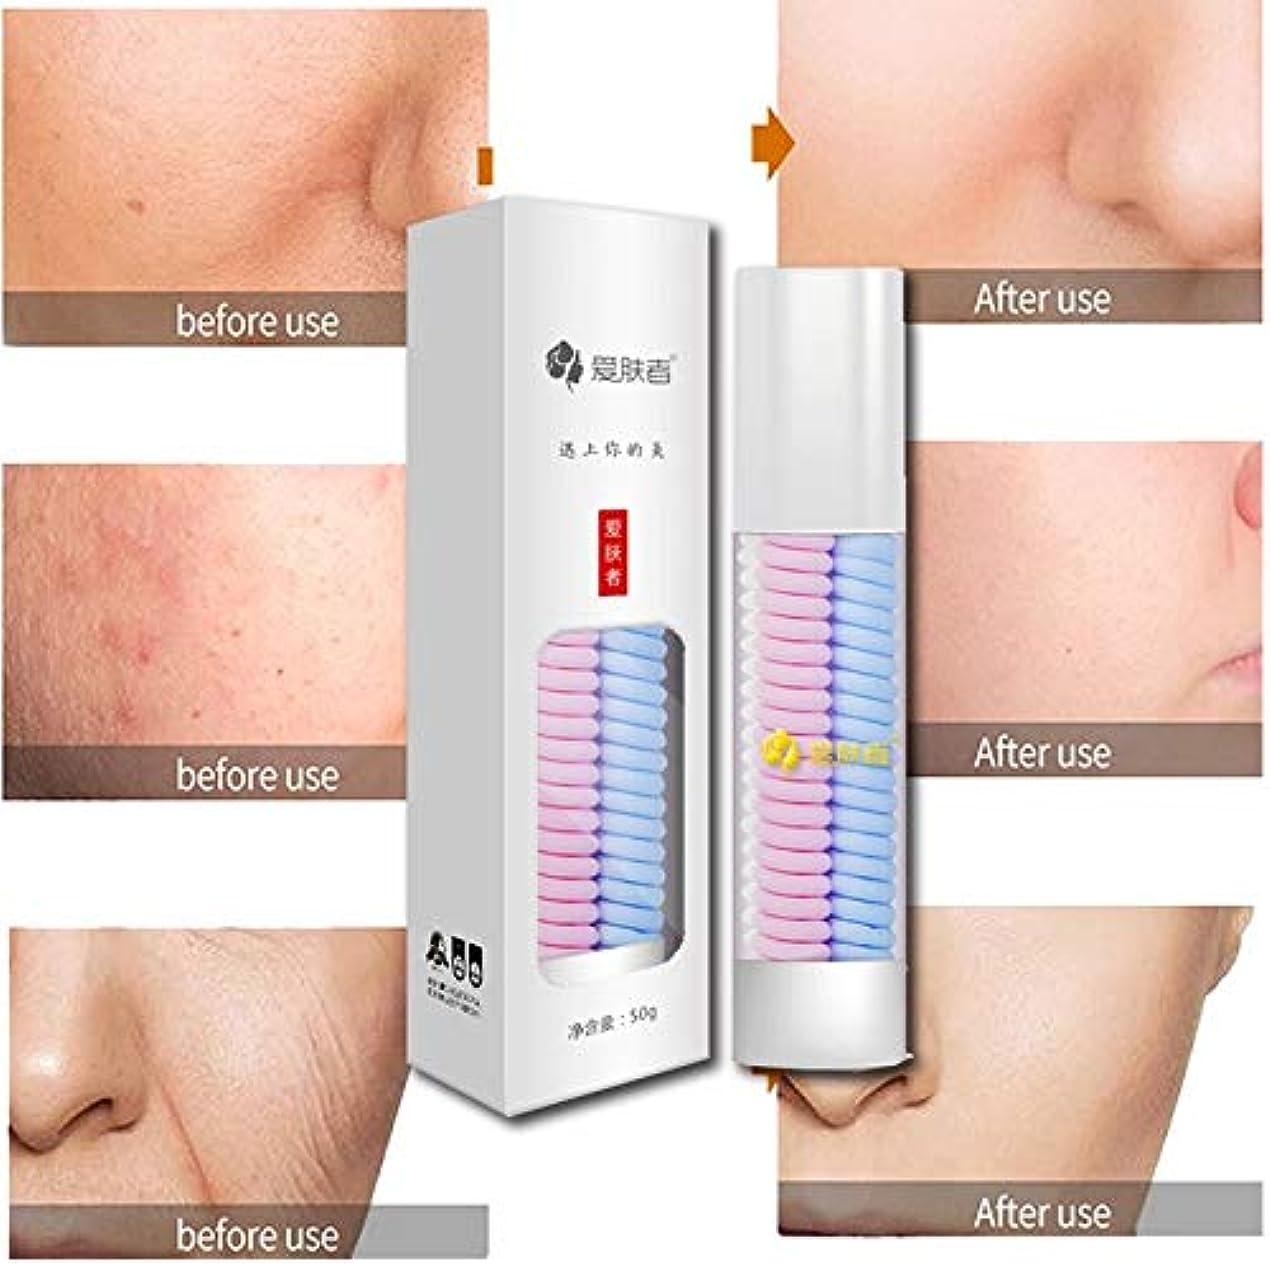 生き返らせるサイドボード平和な保湿顔寧クリームの電子抗しわ年齢ケアのRIR cremasはhidratante顔面edad抗faciales